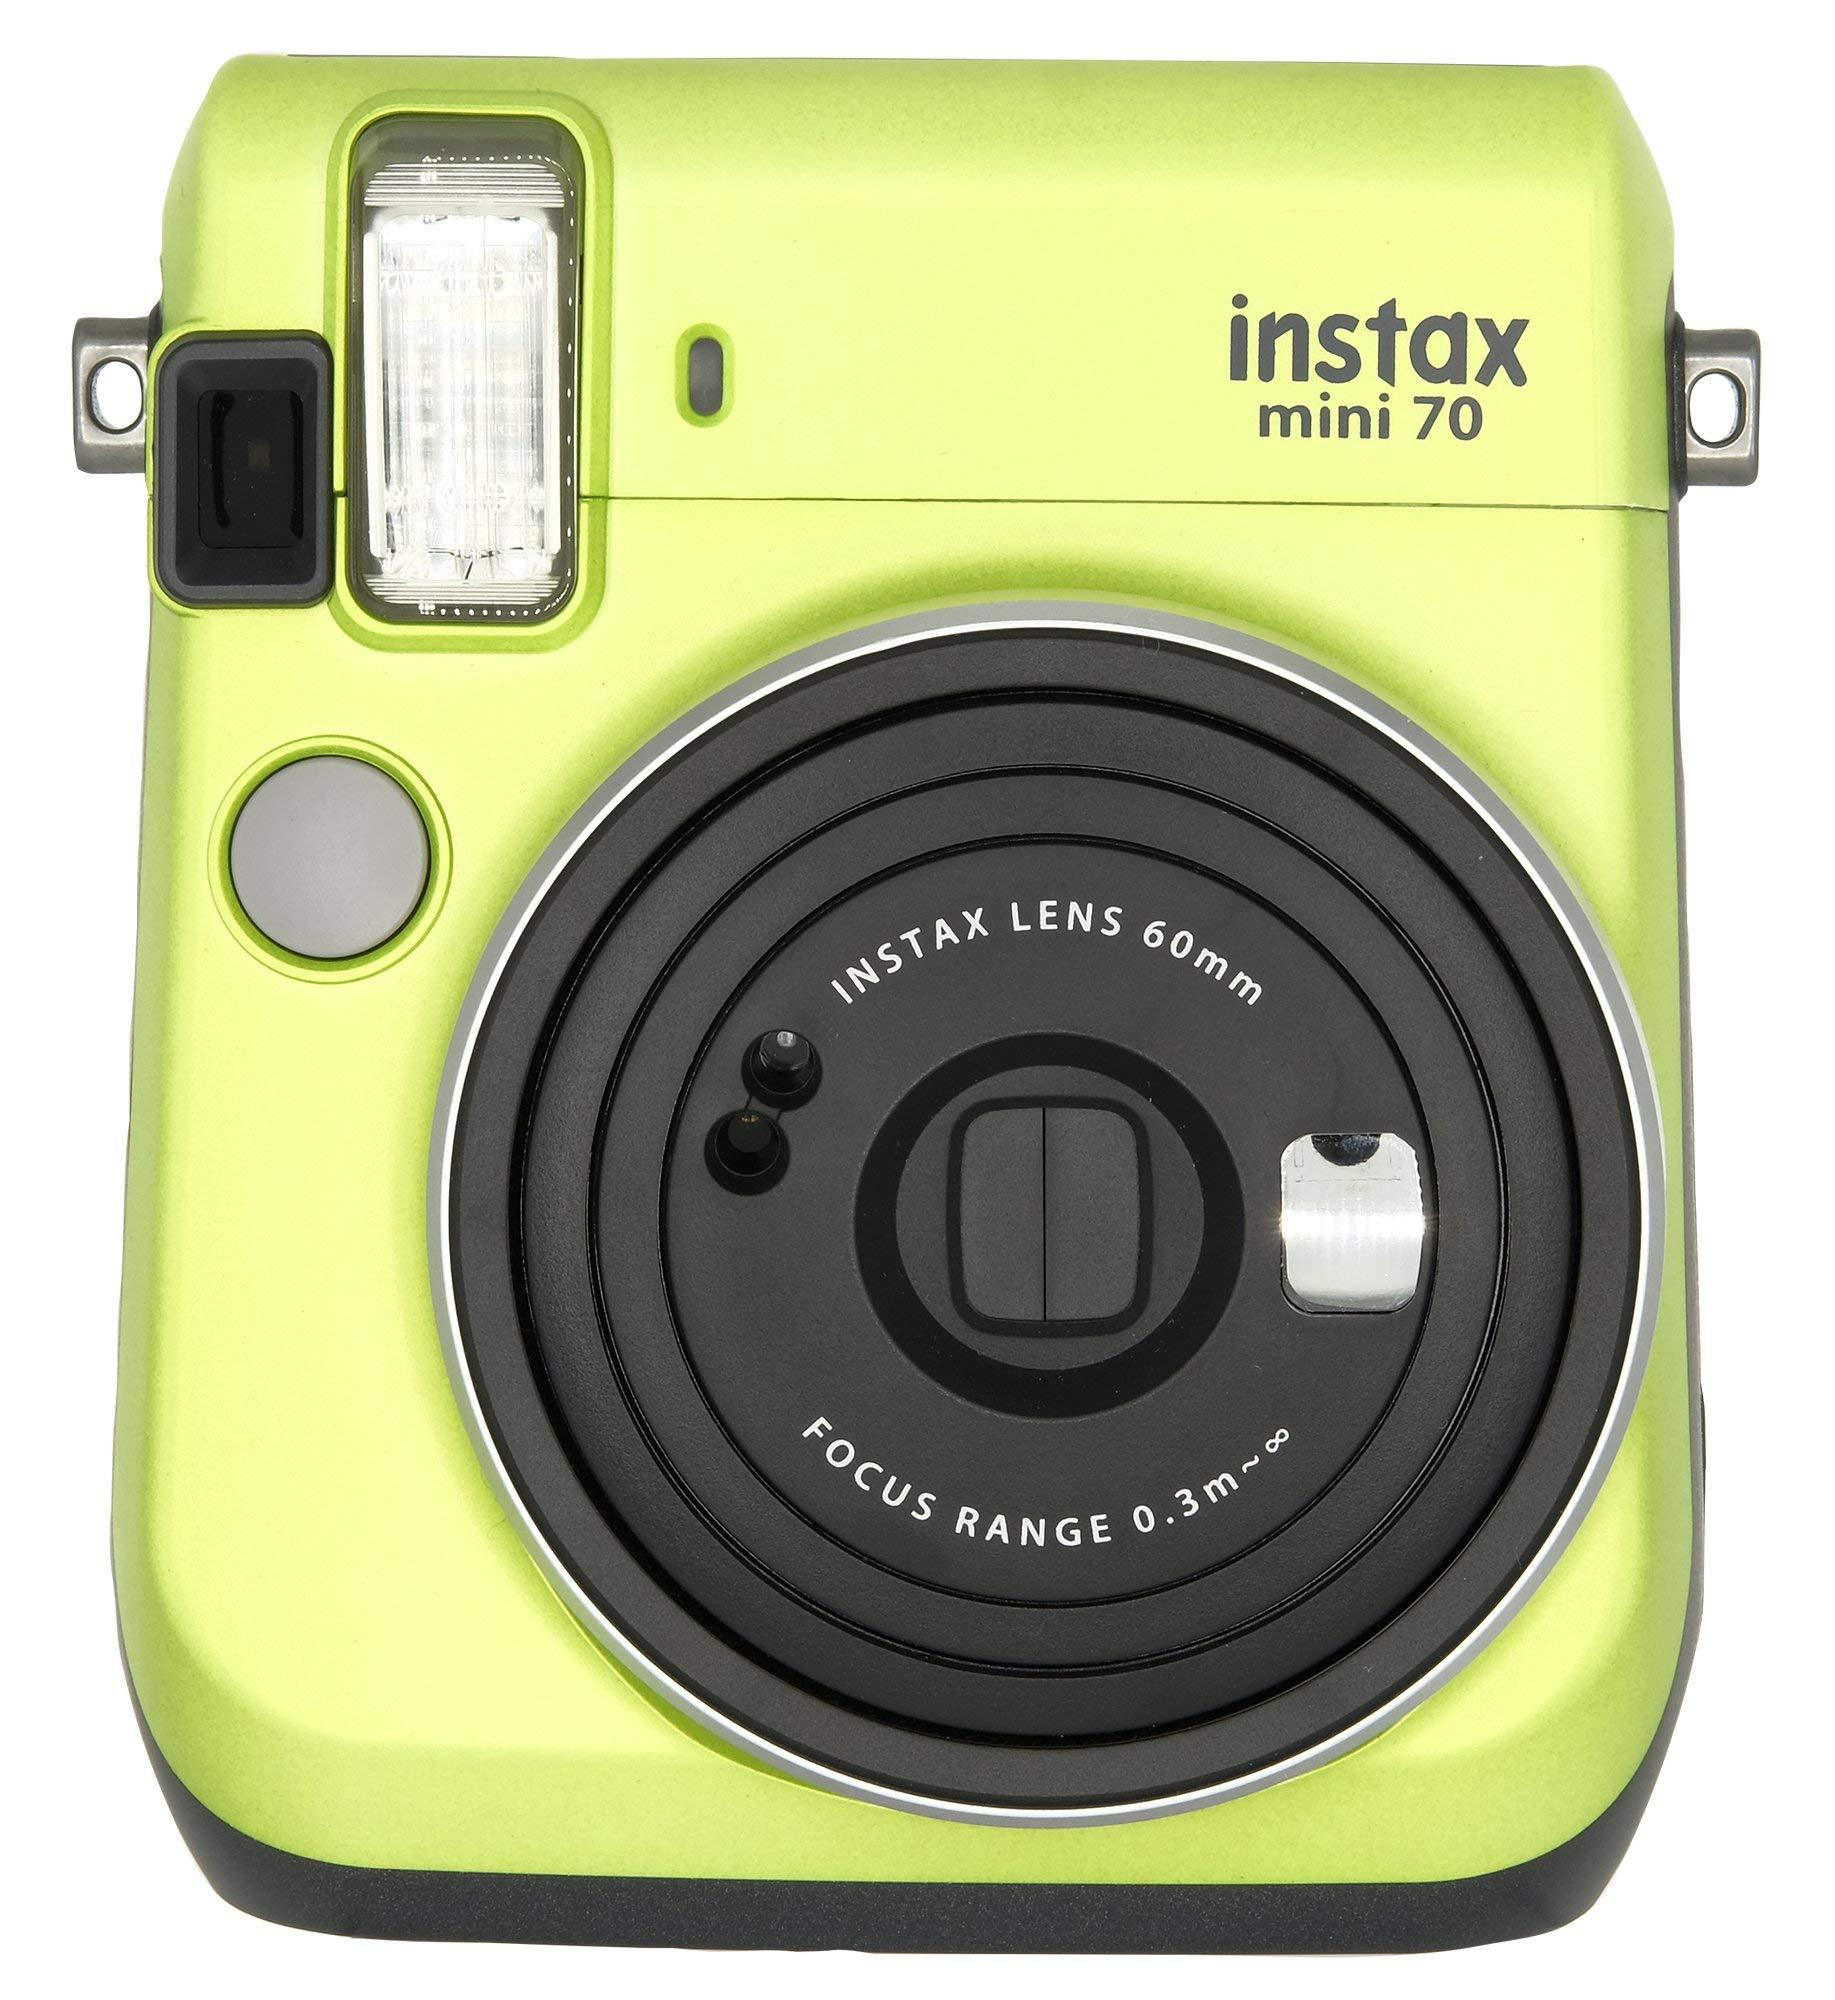 Fujifilm Instax Mini 70 - Instant Film Camera (Kiwi Green) (Renewed) by Fujifilm